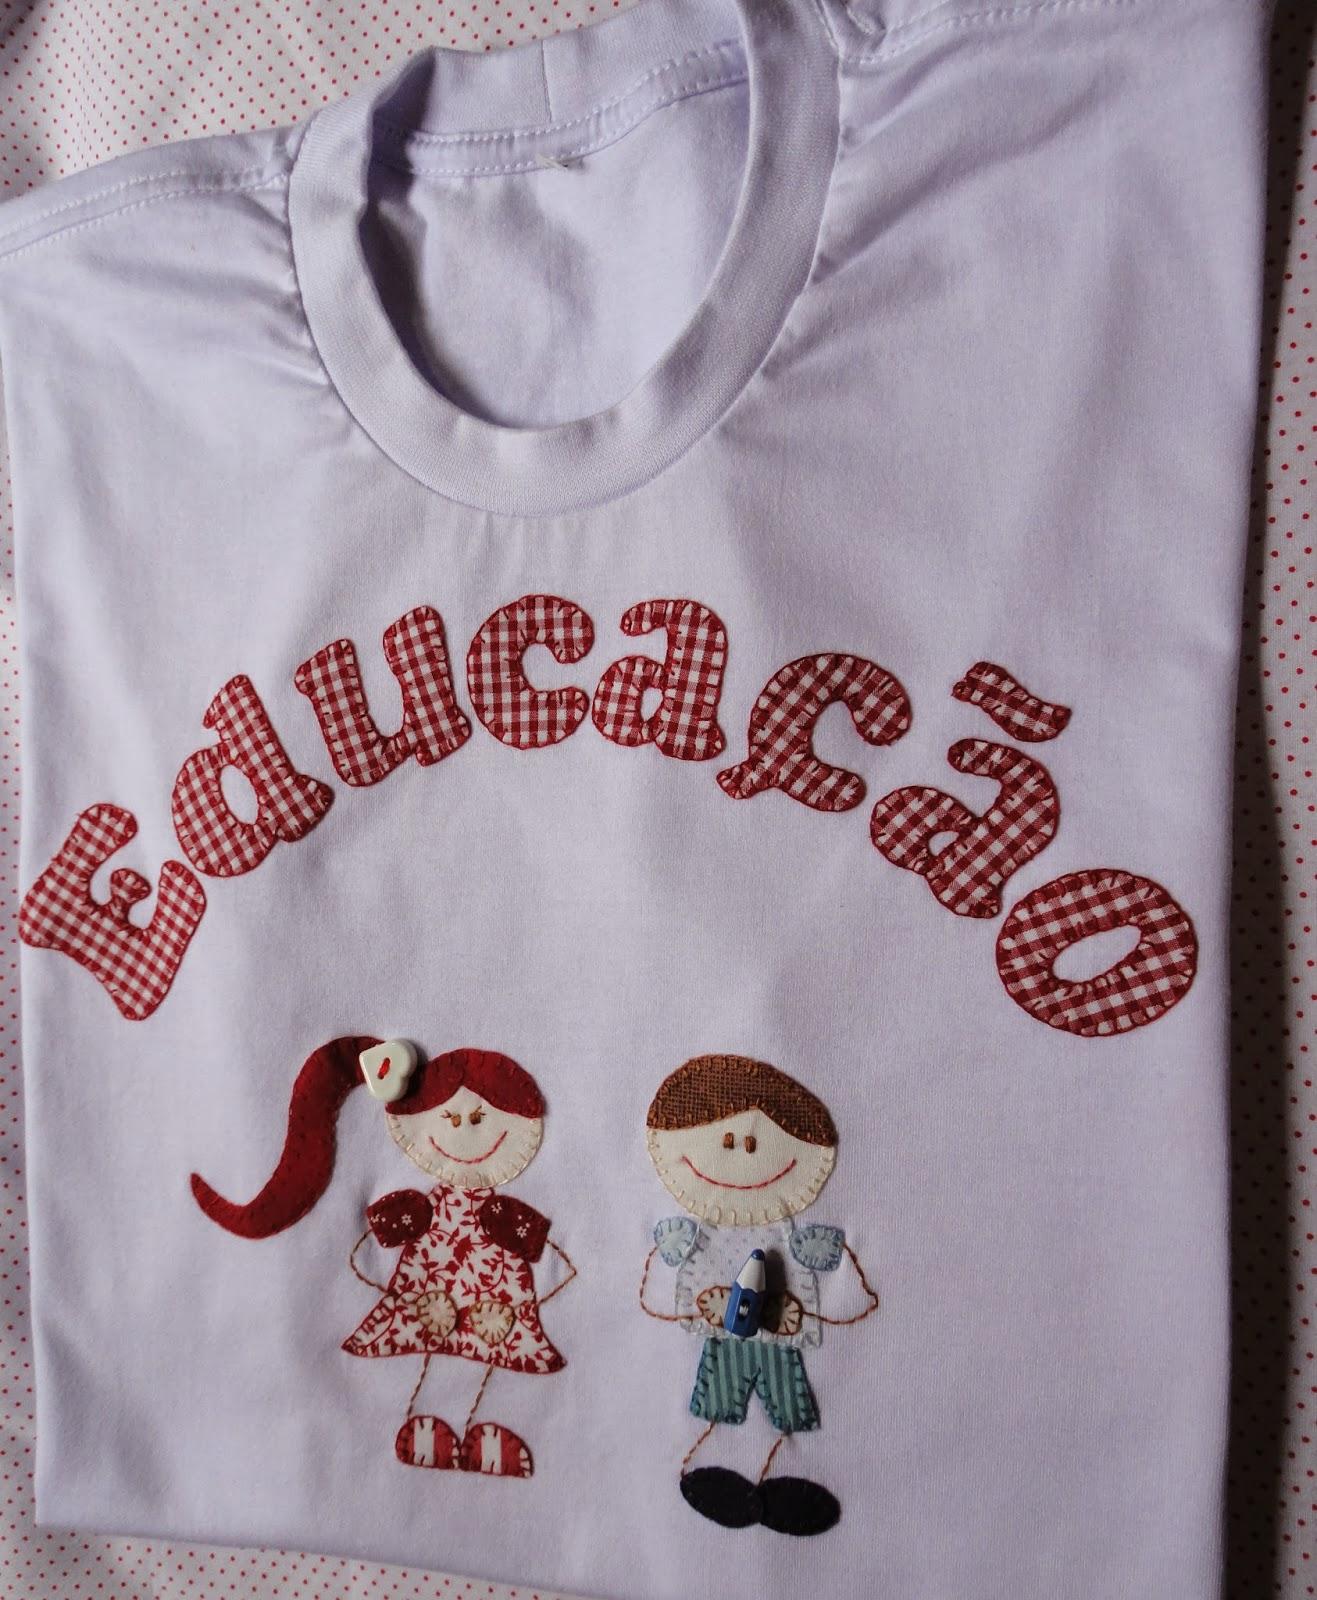 Camiseta 100% algodão manga curta personalizada com a técnica de patch  apliqué f78d92c3673d1